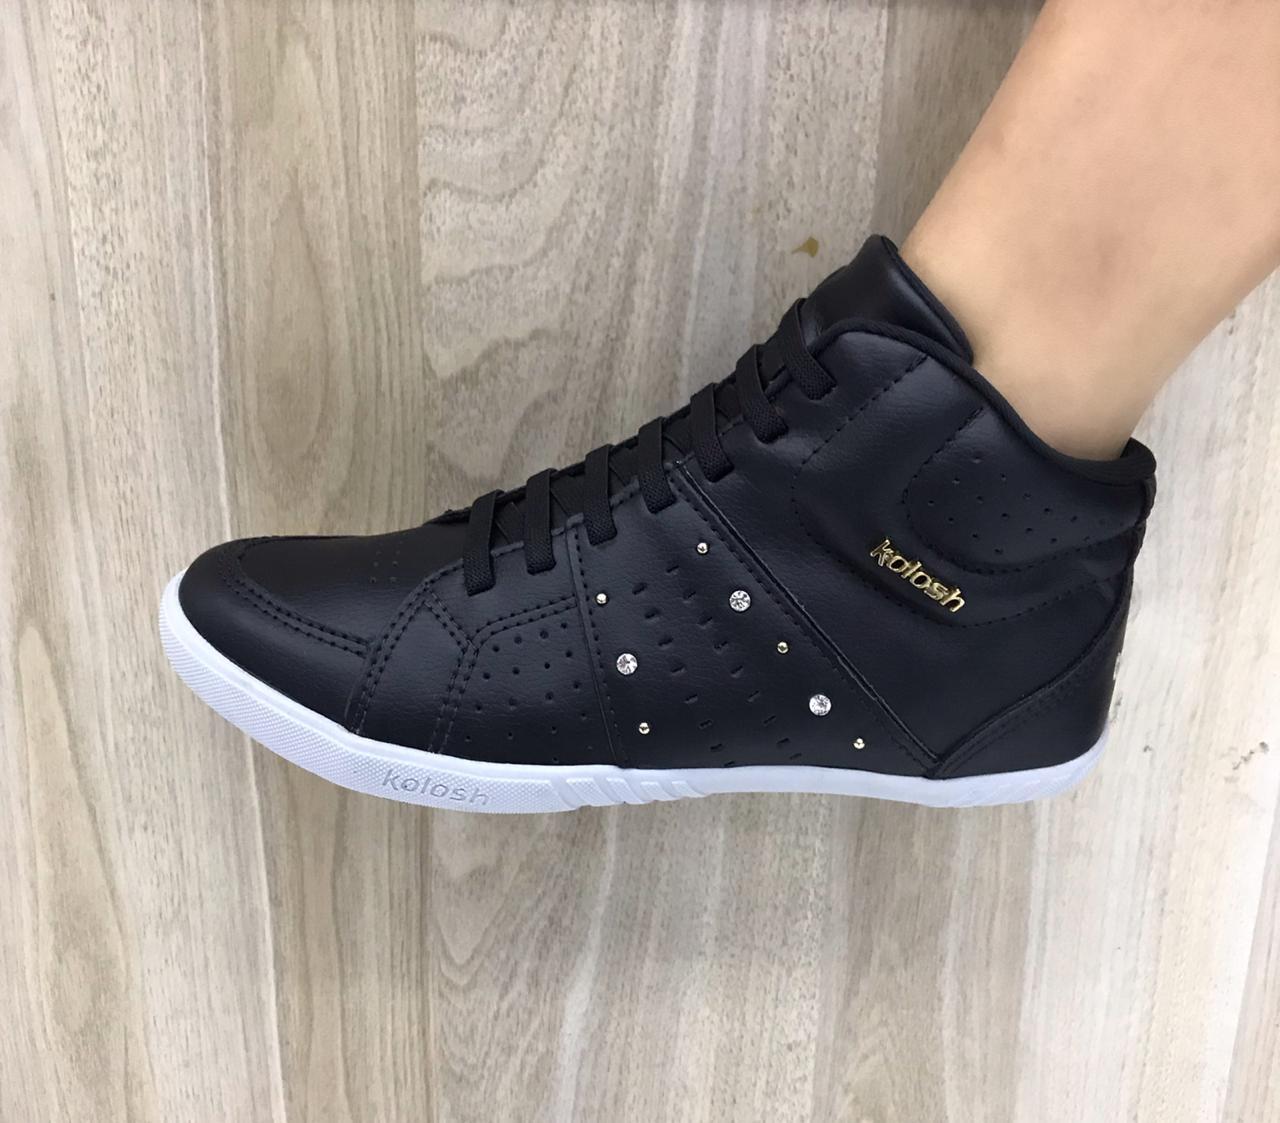 Tênis Kolosh Sneaker Cano Alto Bota Elástico C0114 Feminino